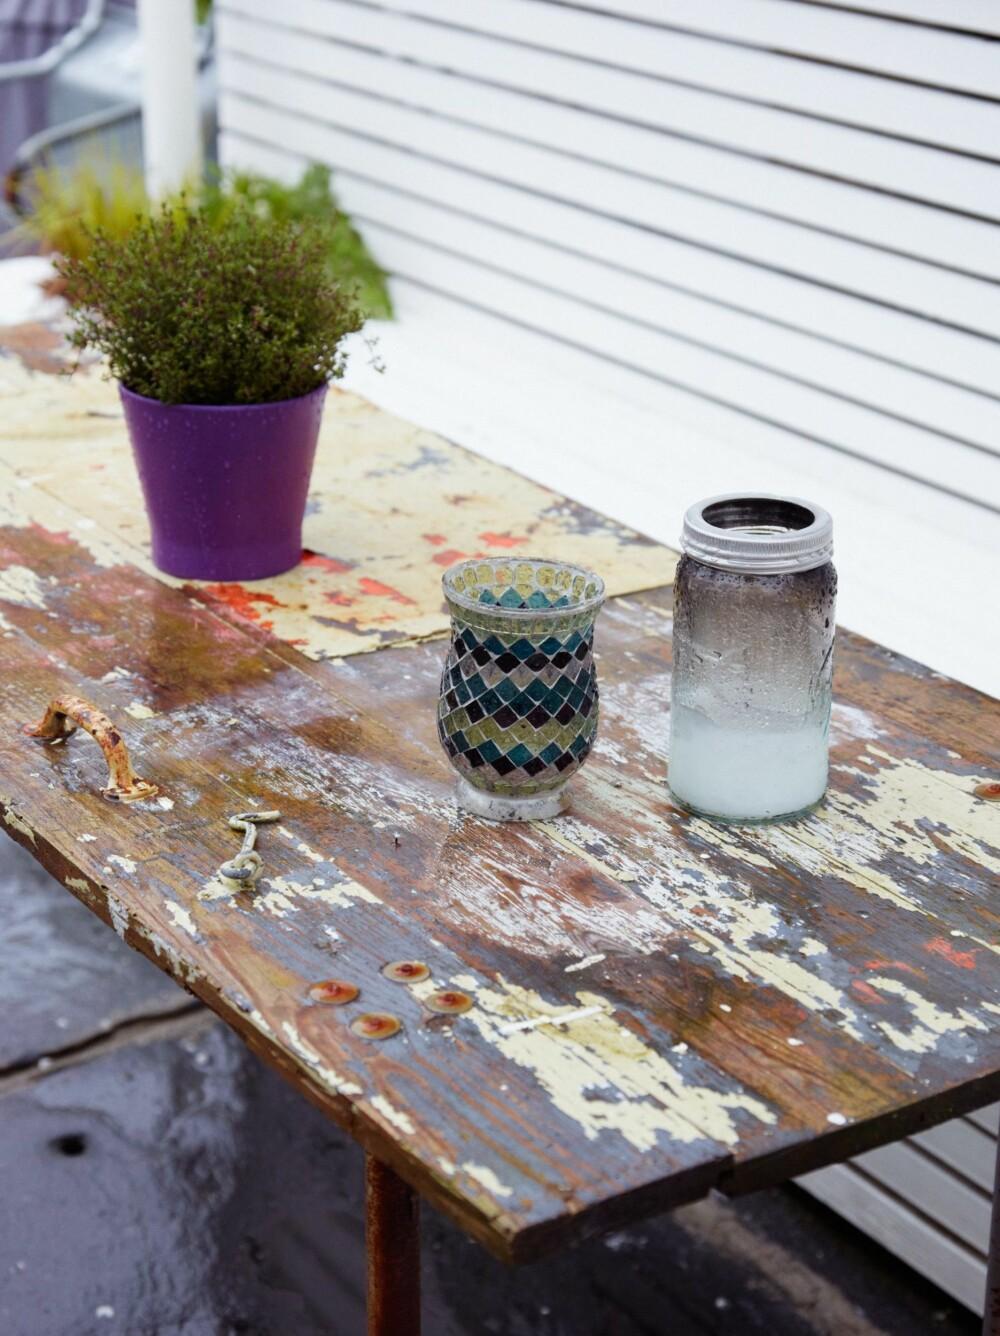 KJELLERDØR BLE HAGEBORD: På vei hjem fra fest, fant ekteparet en gammel dør på en byggeplass. Den ble til hagebord.